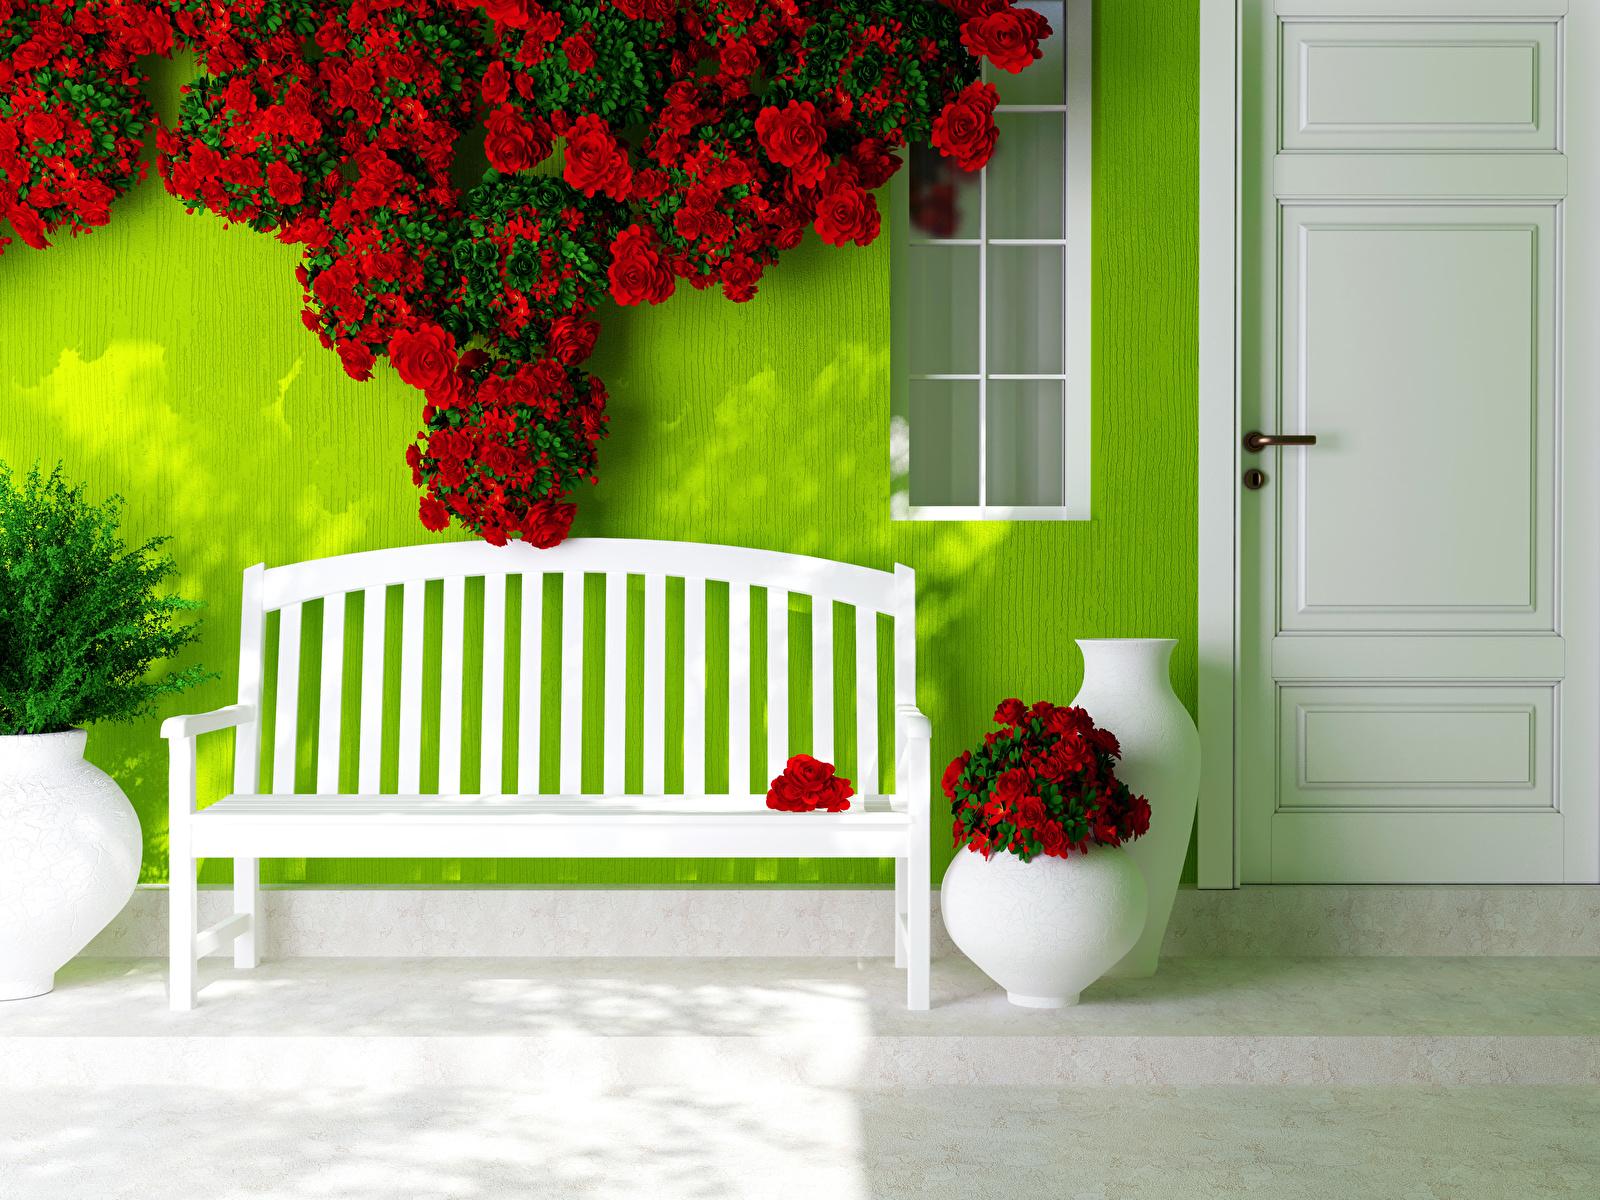 Картинки Розы красные Цветы двери Скамья 1600x1200 красных Красный красная Дверь Скамейка